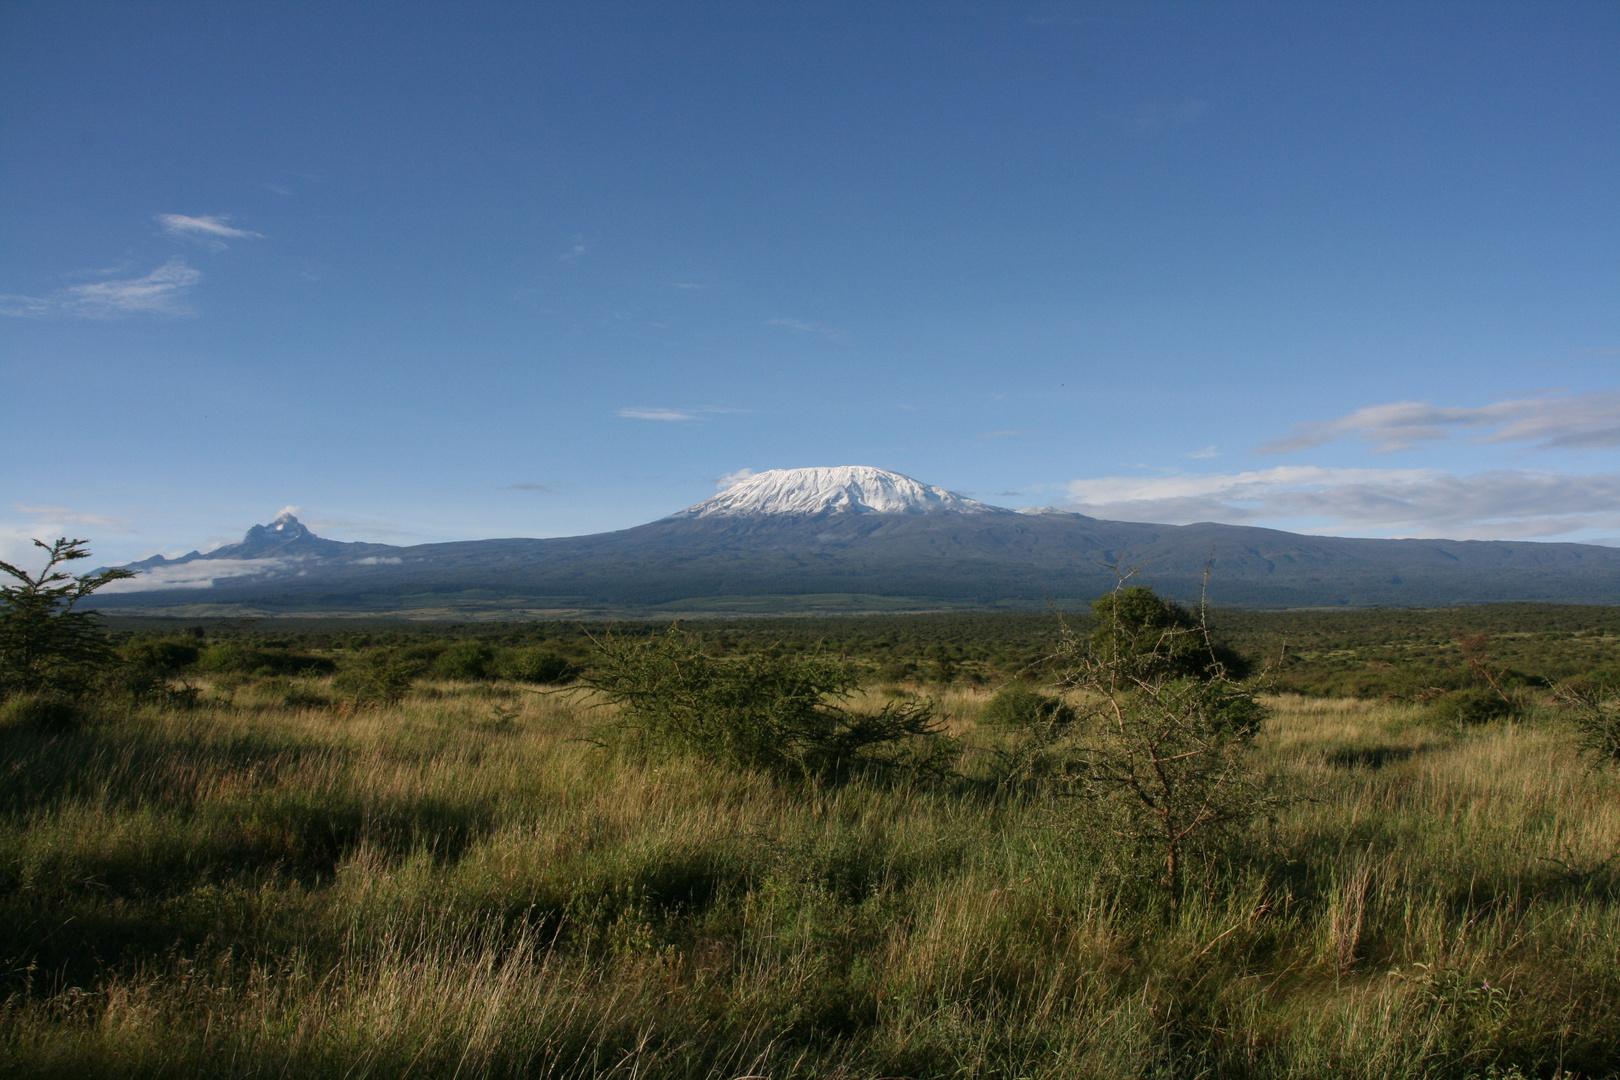 Kilimaniaromassiv von Kenia aus gesehen.